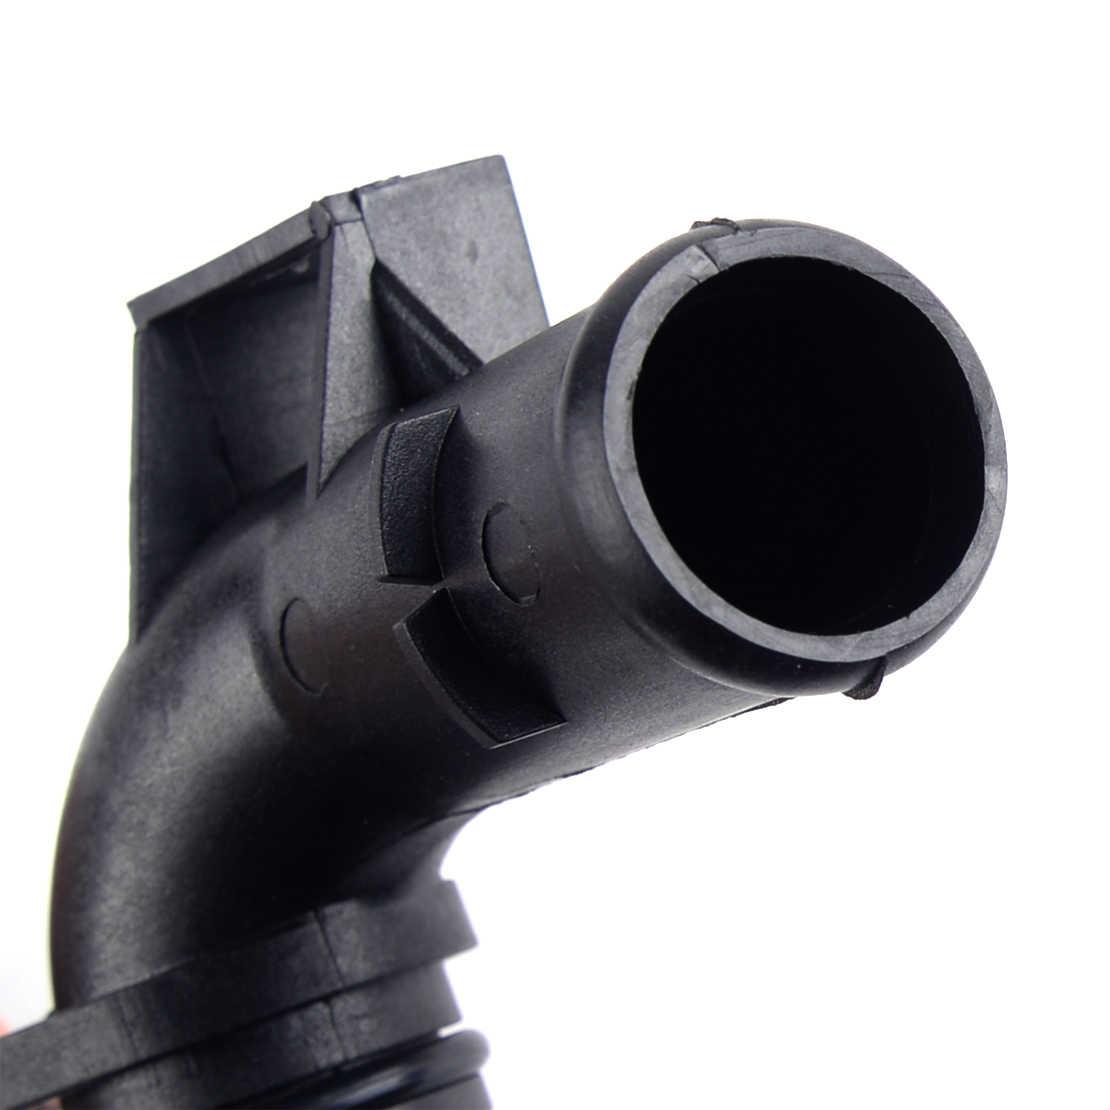 CITALL A 2712001352 enfriador de aceite de tubo de agua de motor de plástico negro A culata apto para Mercedes C230 W203 M271